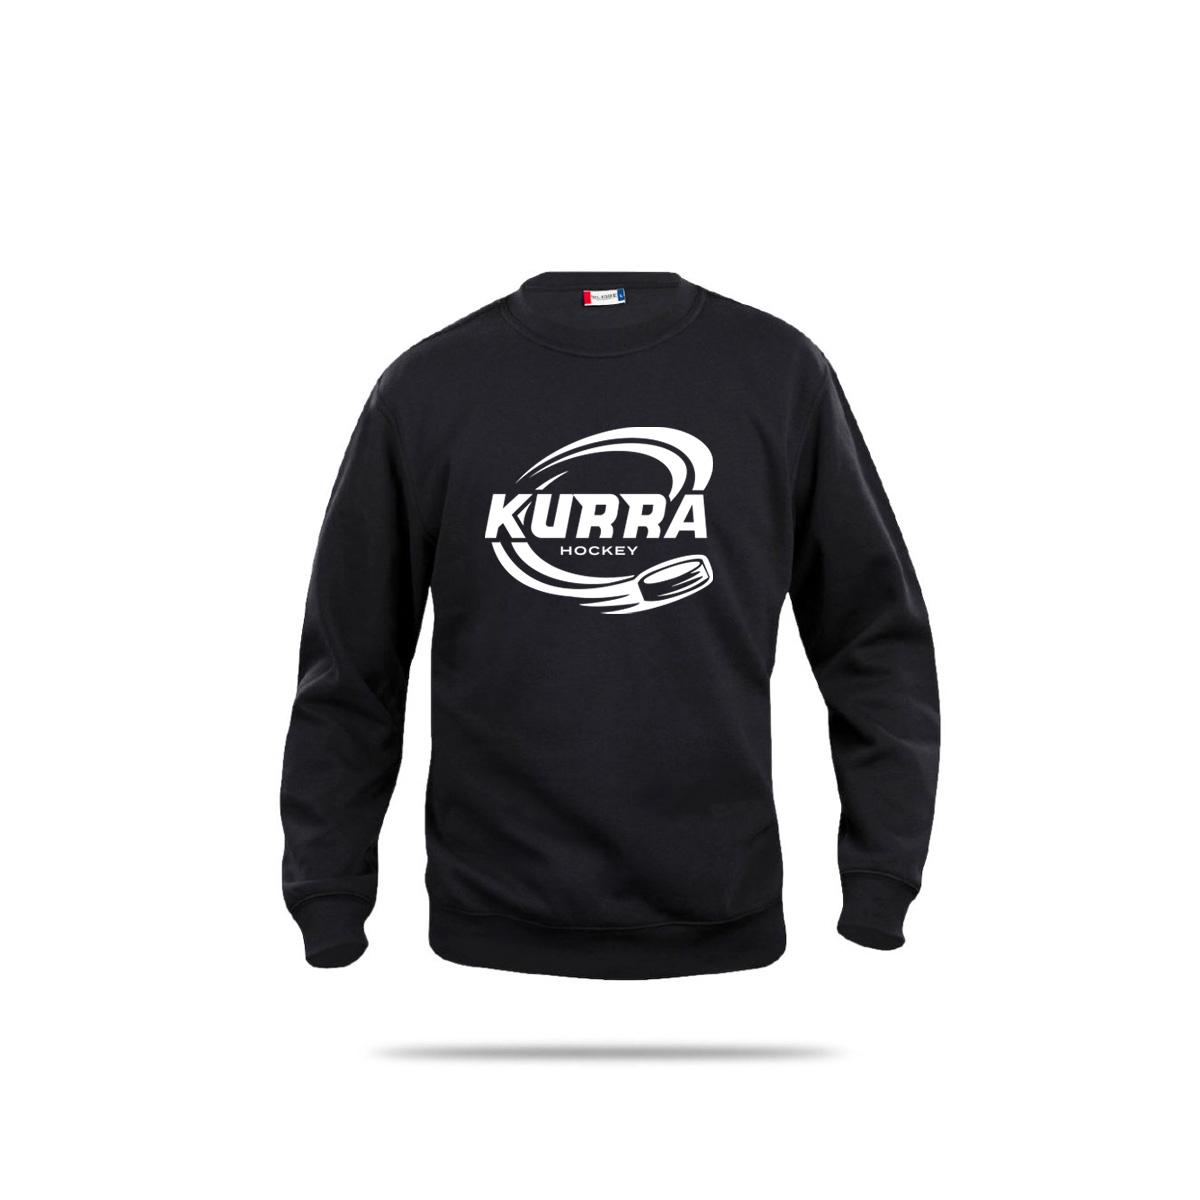 Kurra-Mono-3027-musta